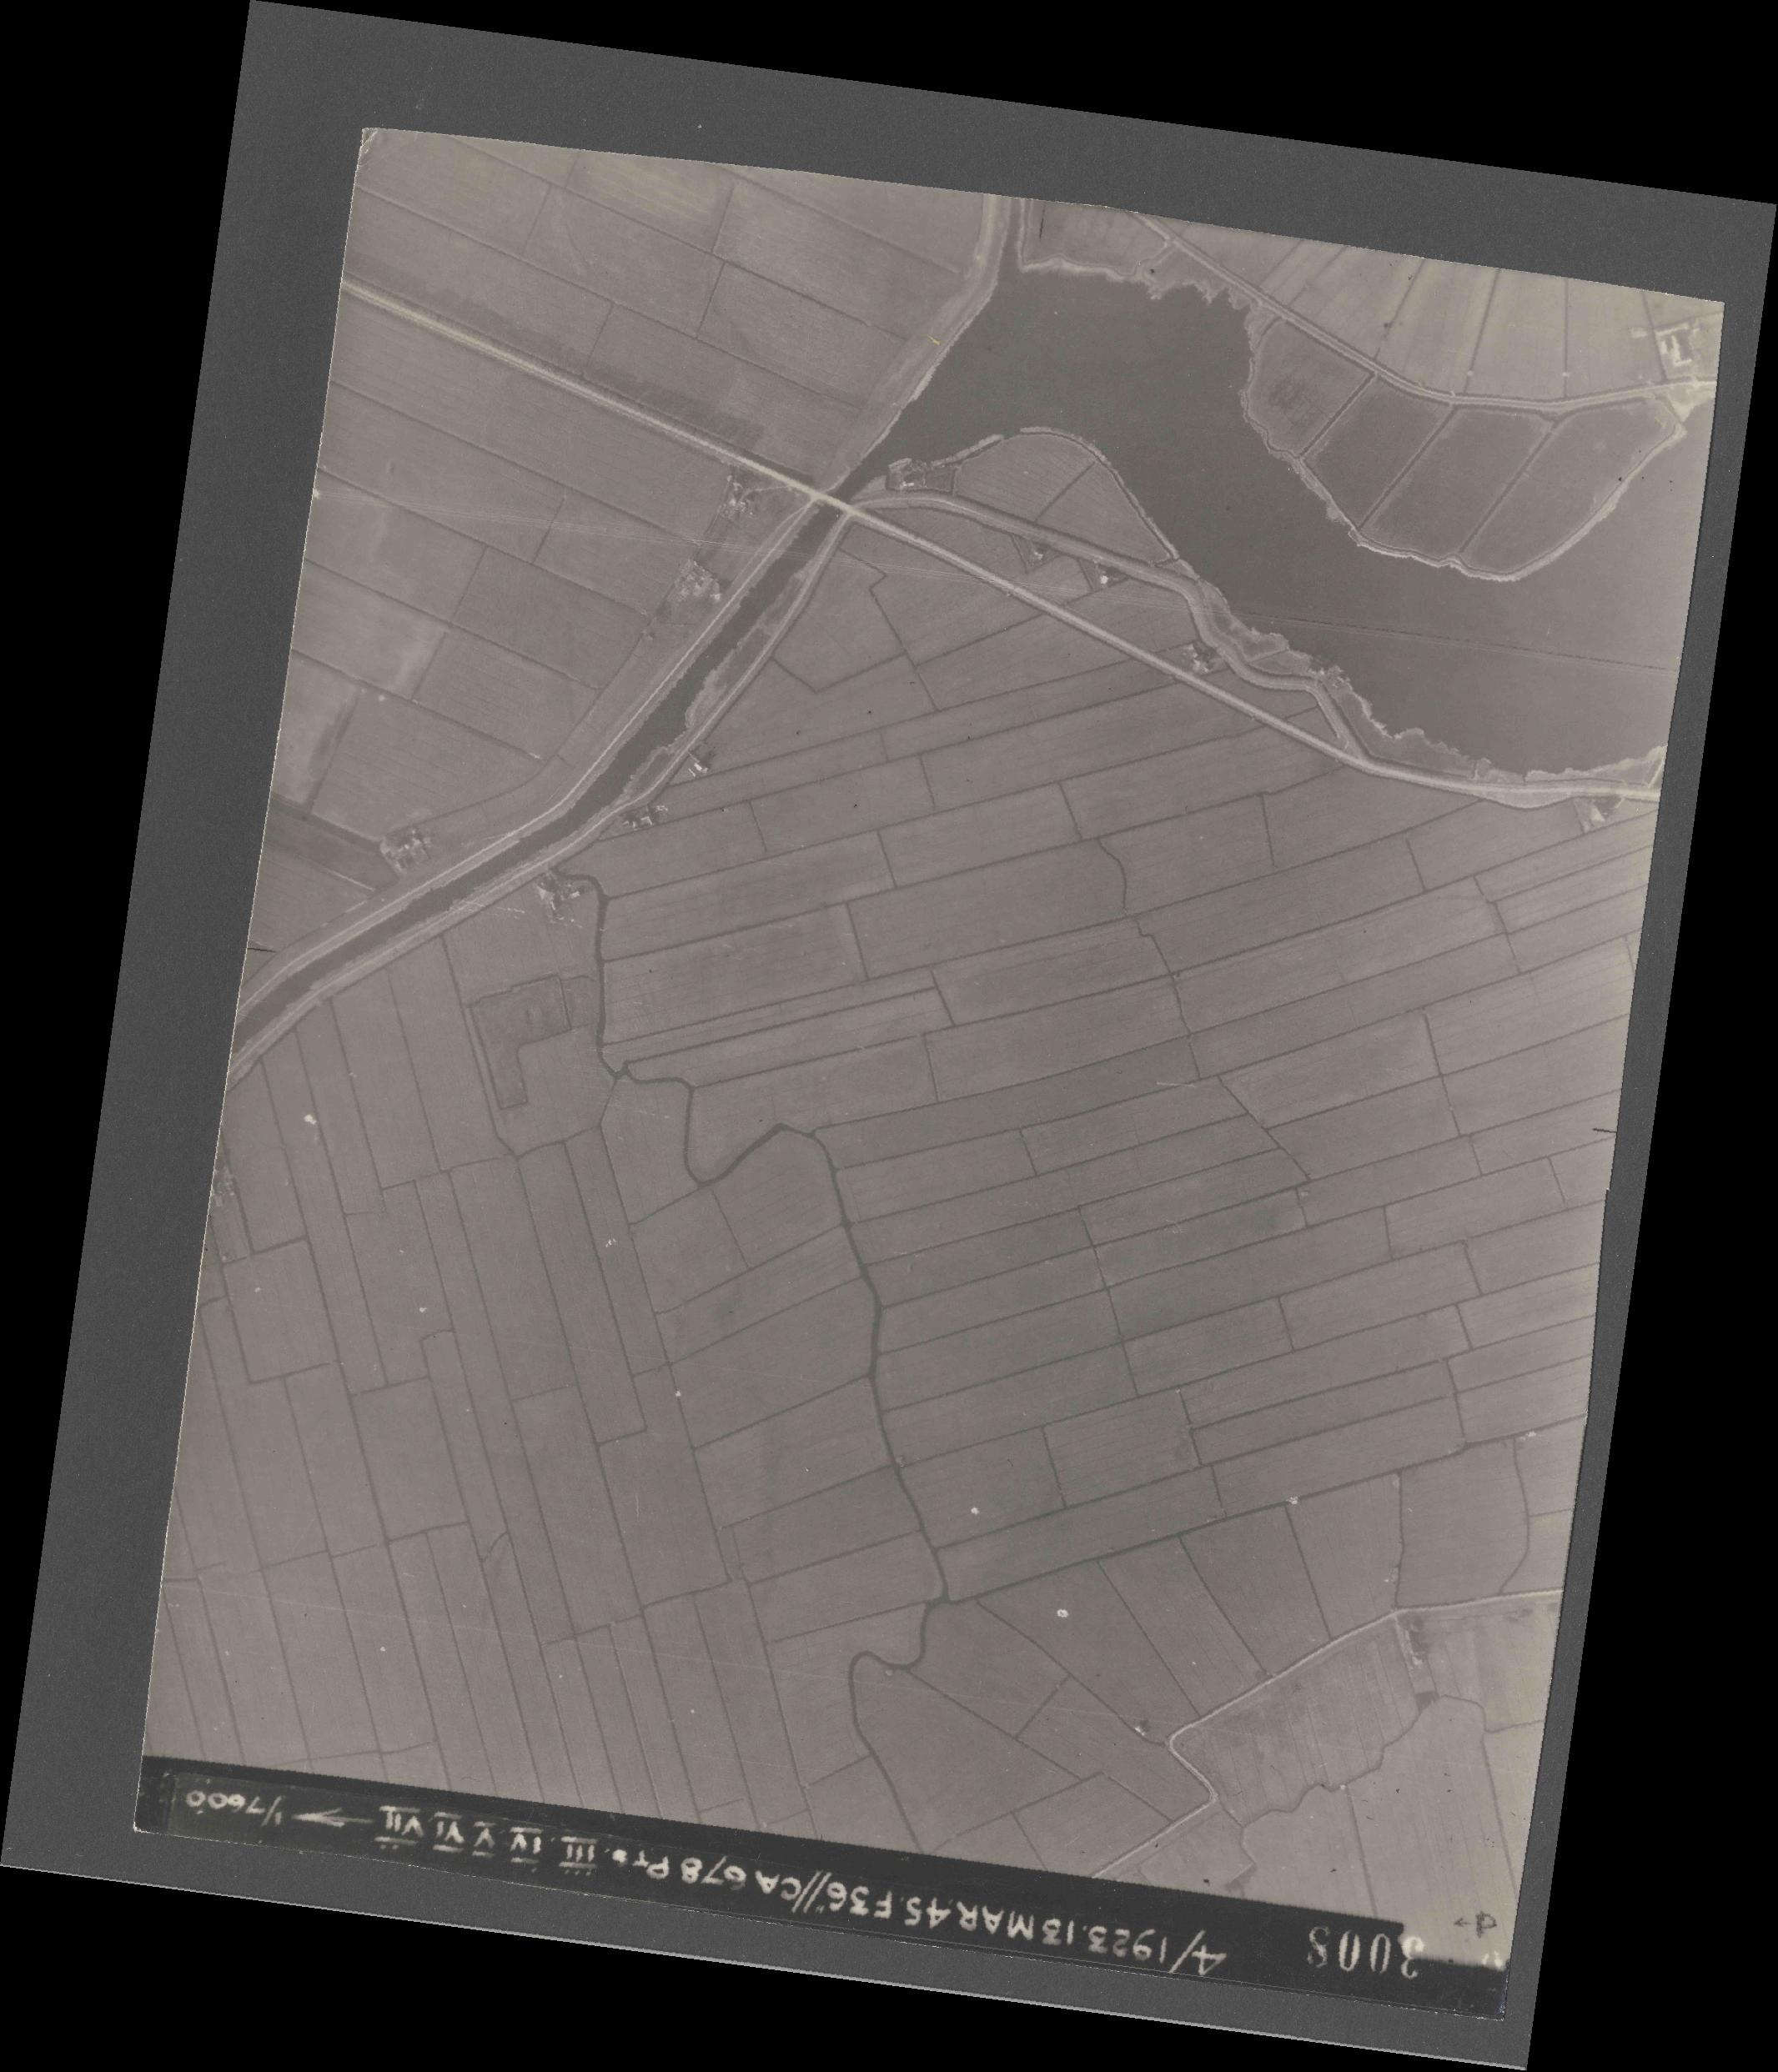 Collection RAF aerial photos 1940-1945 - flight 245, run 08, photo 3008